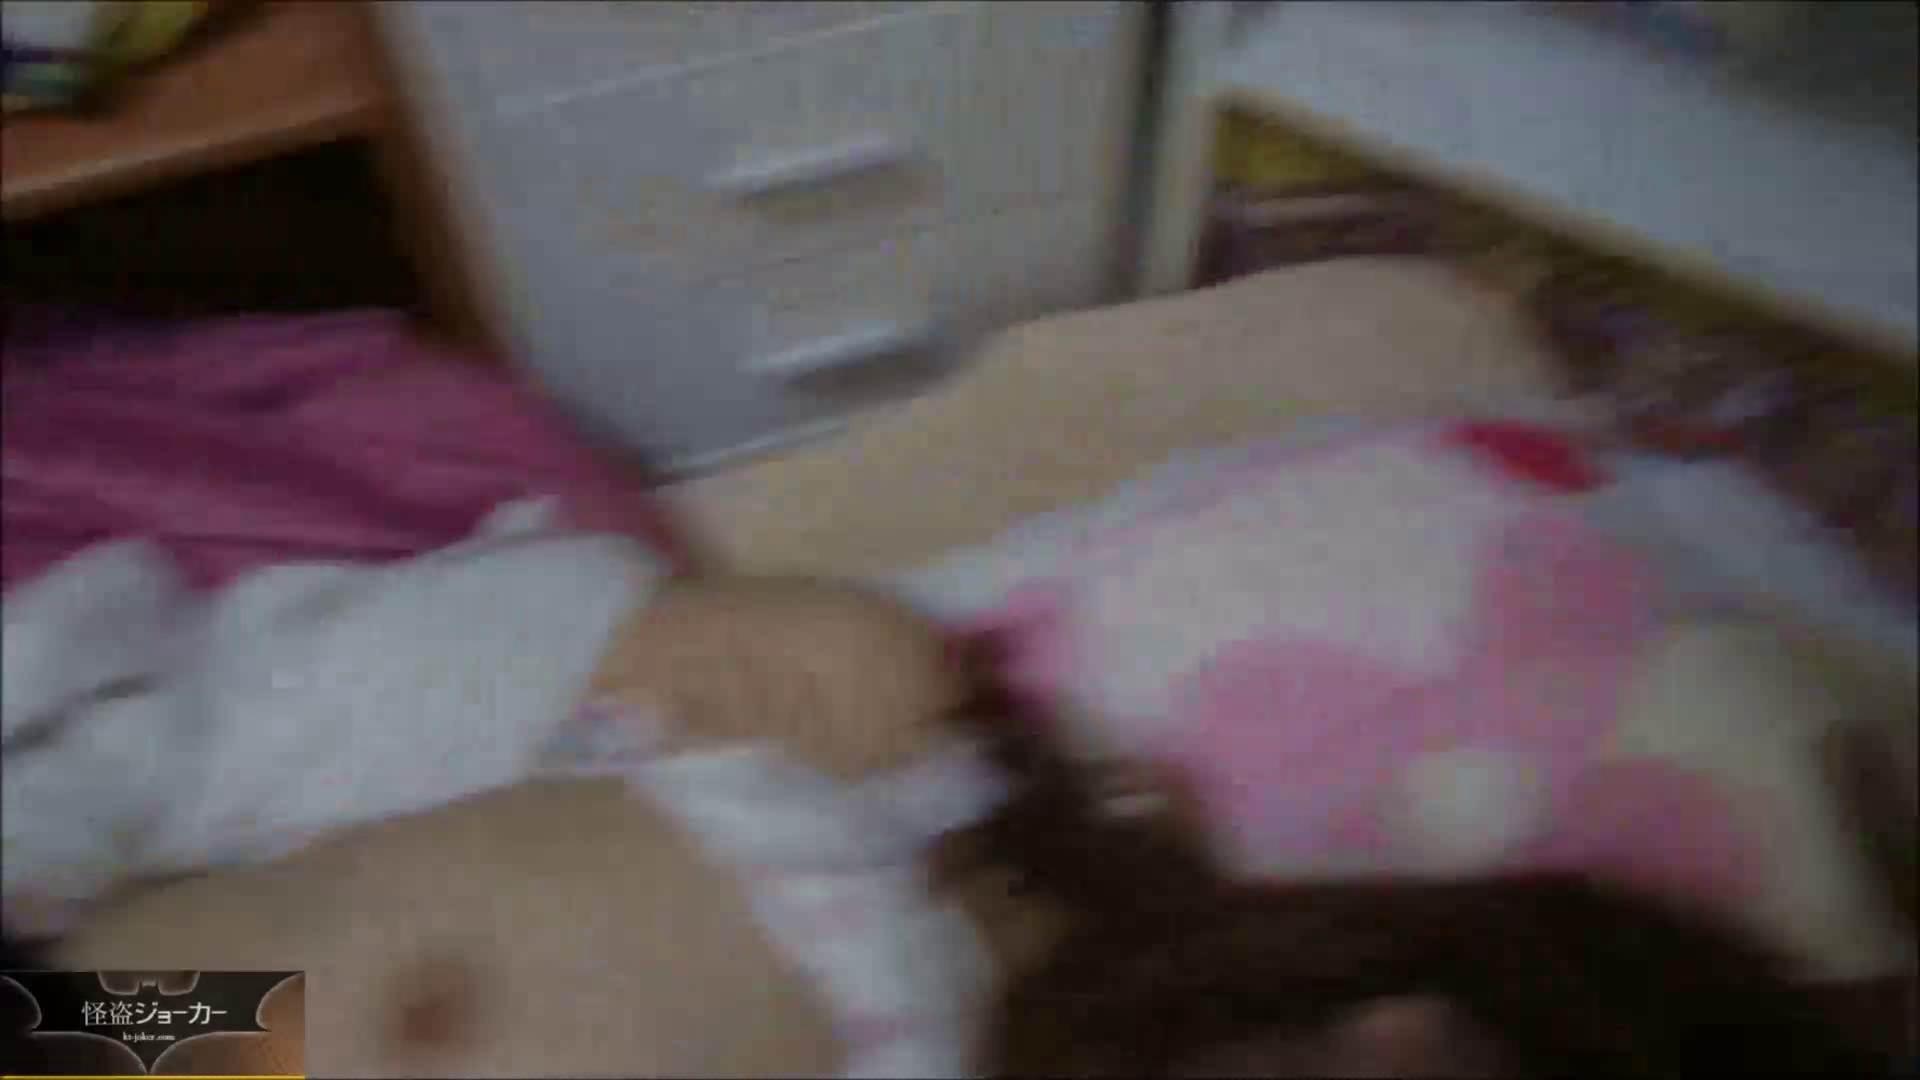 【未公開】vol.23 ユリナ、寝取られのアト。 OLハメ撮り  107Pix 58